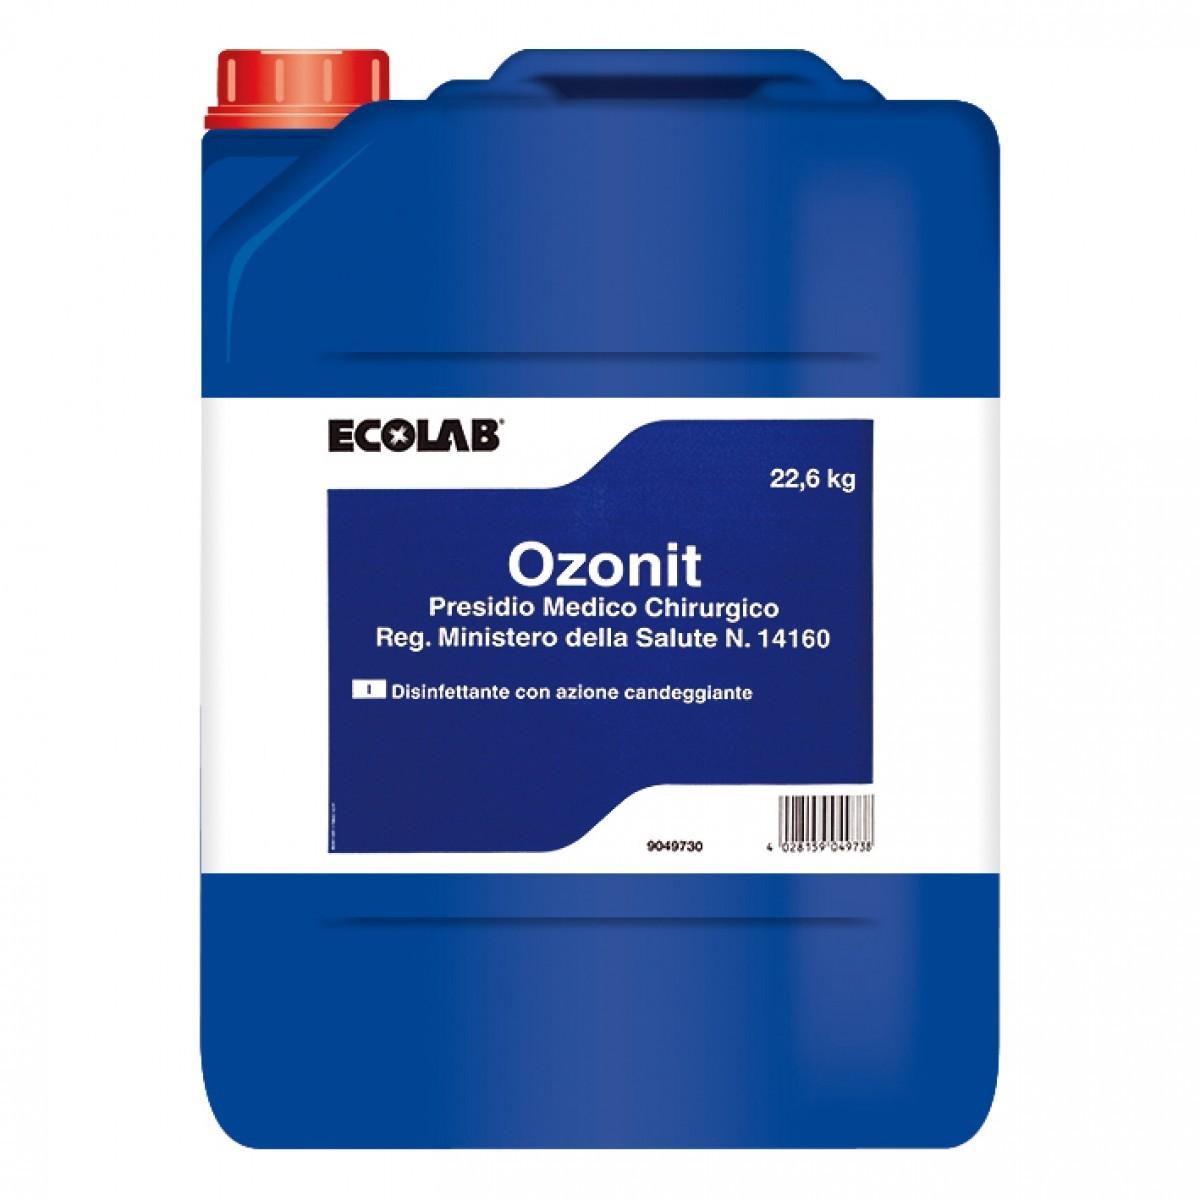 OZONIT P.M.C. DISINFETTANTE KG.22.6 ECOLAB